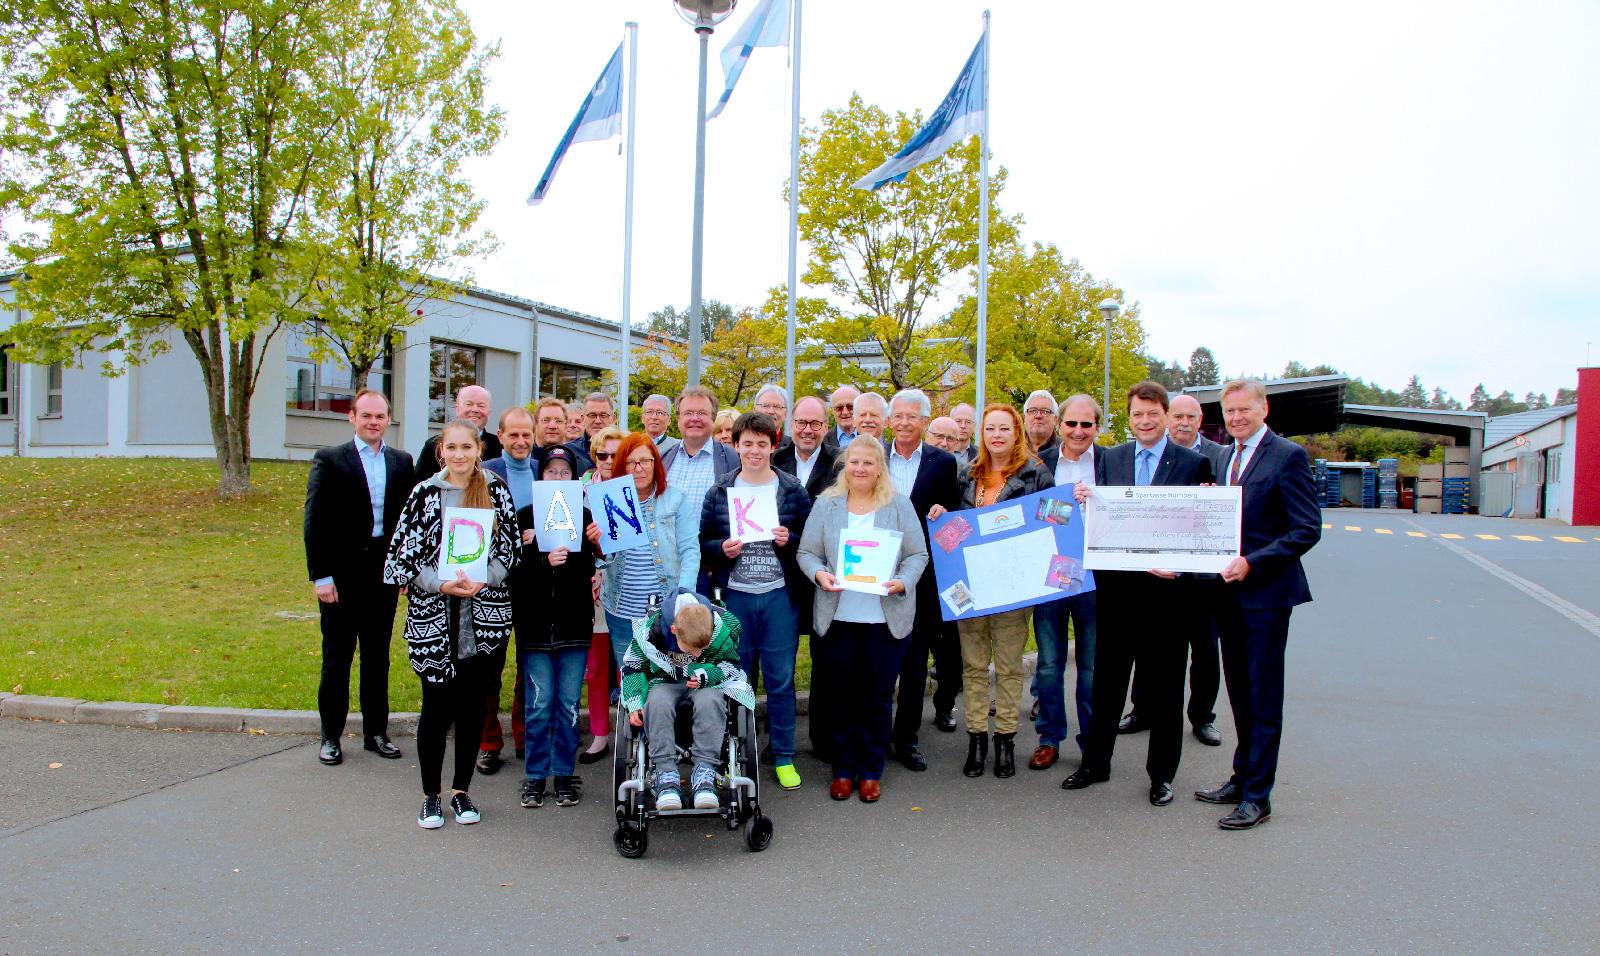 Im Namen der Lebenshilfe Nürnberger Land dankte Geschäftsführer Norbert Dünkel herzlich gegenüber Rotary-Präsident Matthias Benk (rechts im Foto) für die Spende. Über die Verwendung der Summe informierte Tagesstättenleiterin Silke Dilles mit einer Schüler